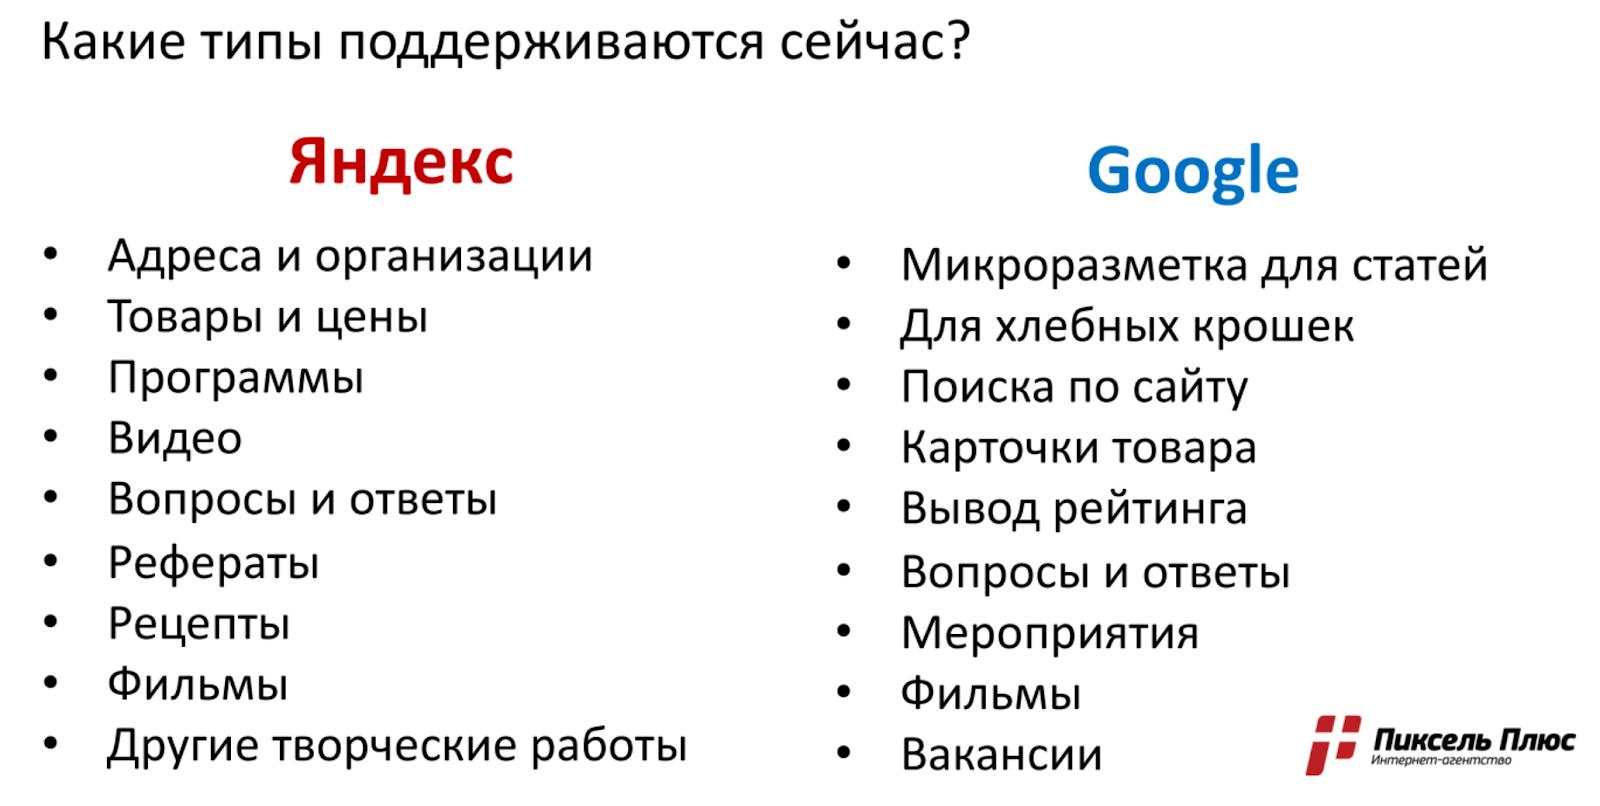 Разметка в Яндексе и Google